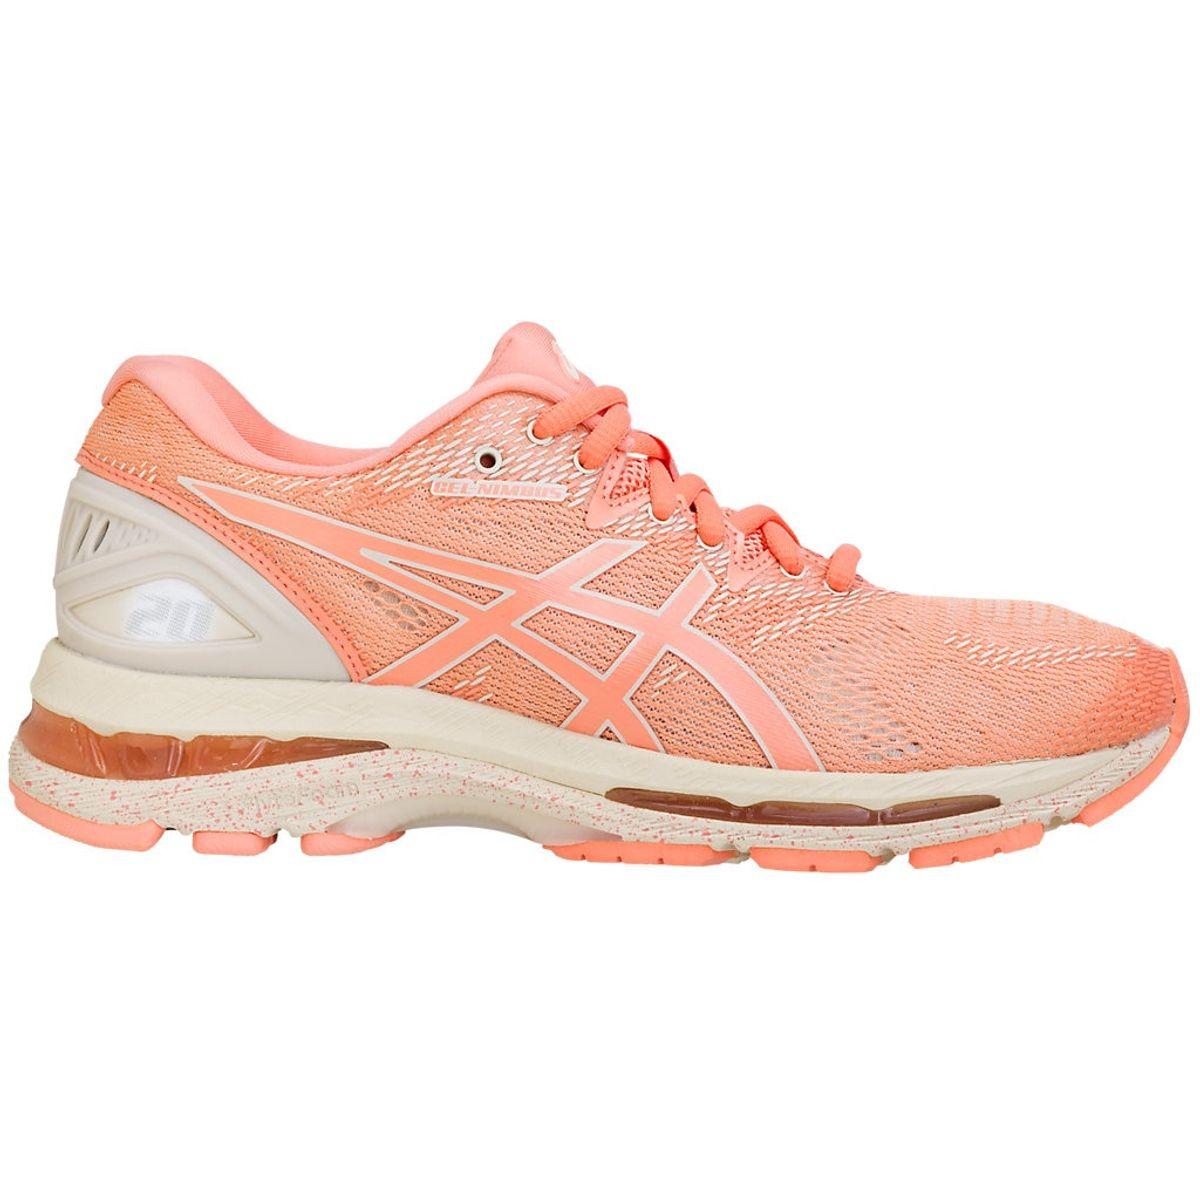 Tenis-Asics-GEL-Nimbus-20-Sp---Feminino---Rosa